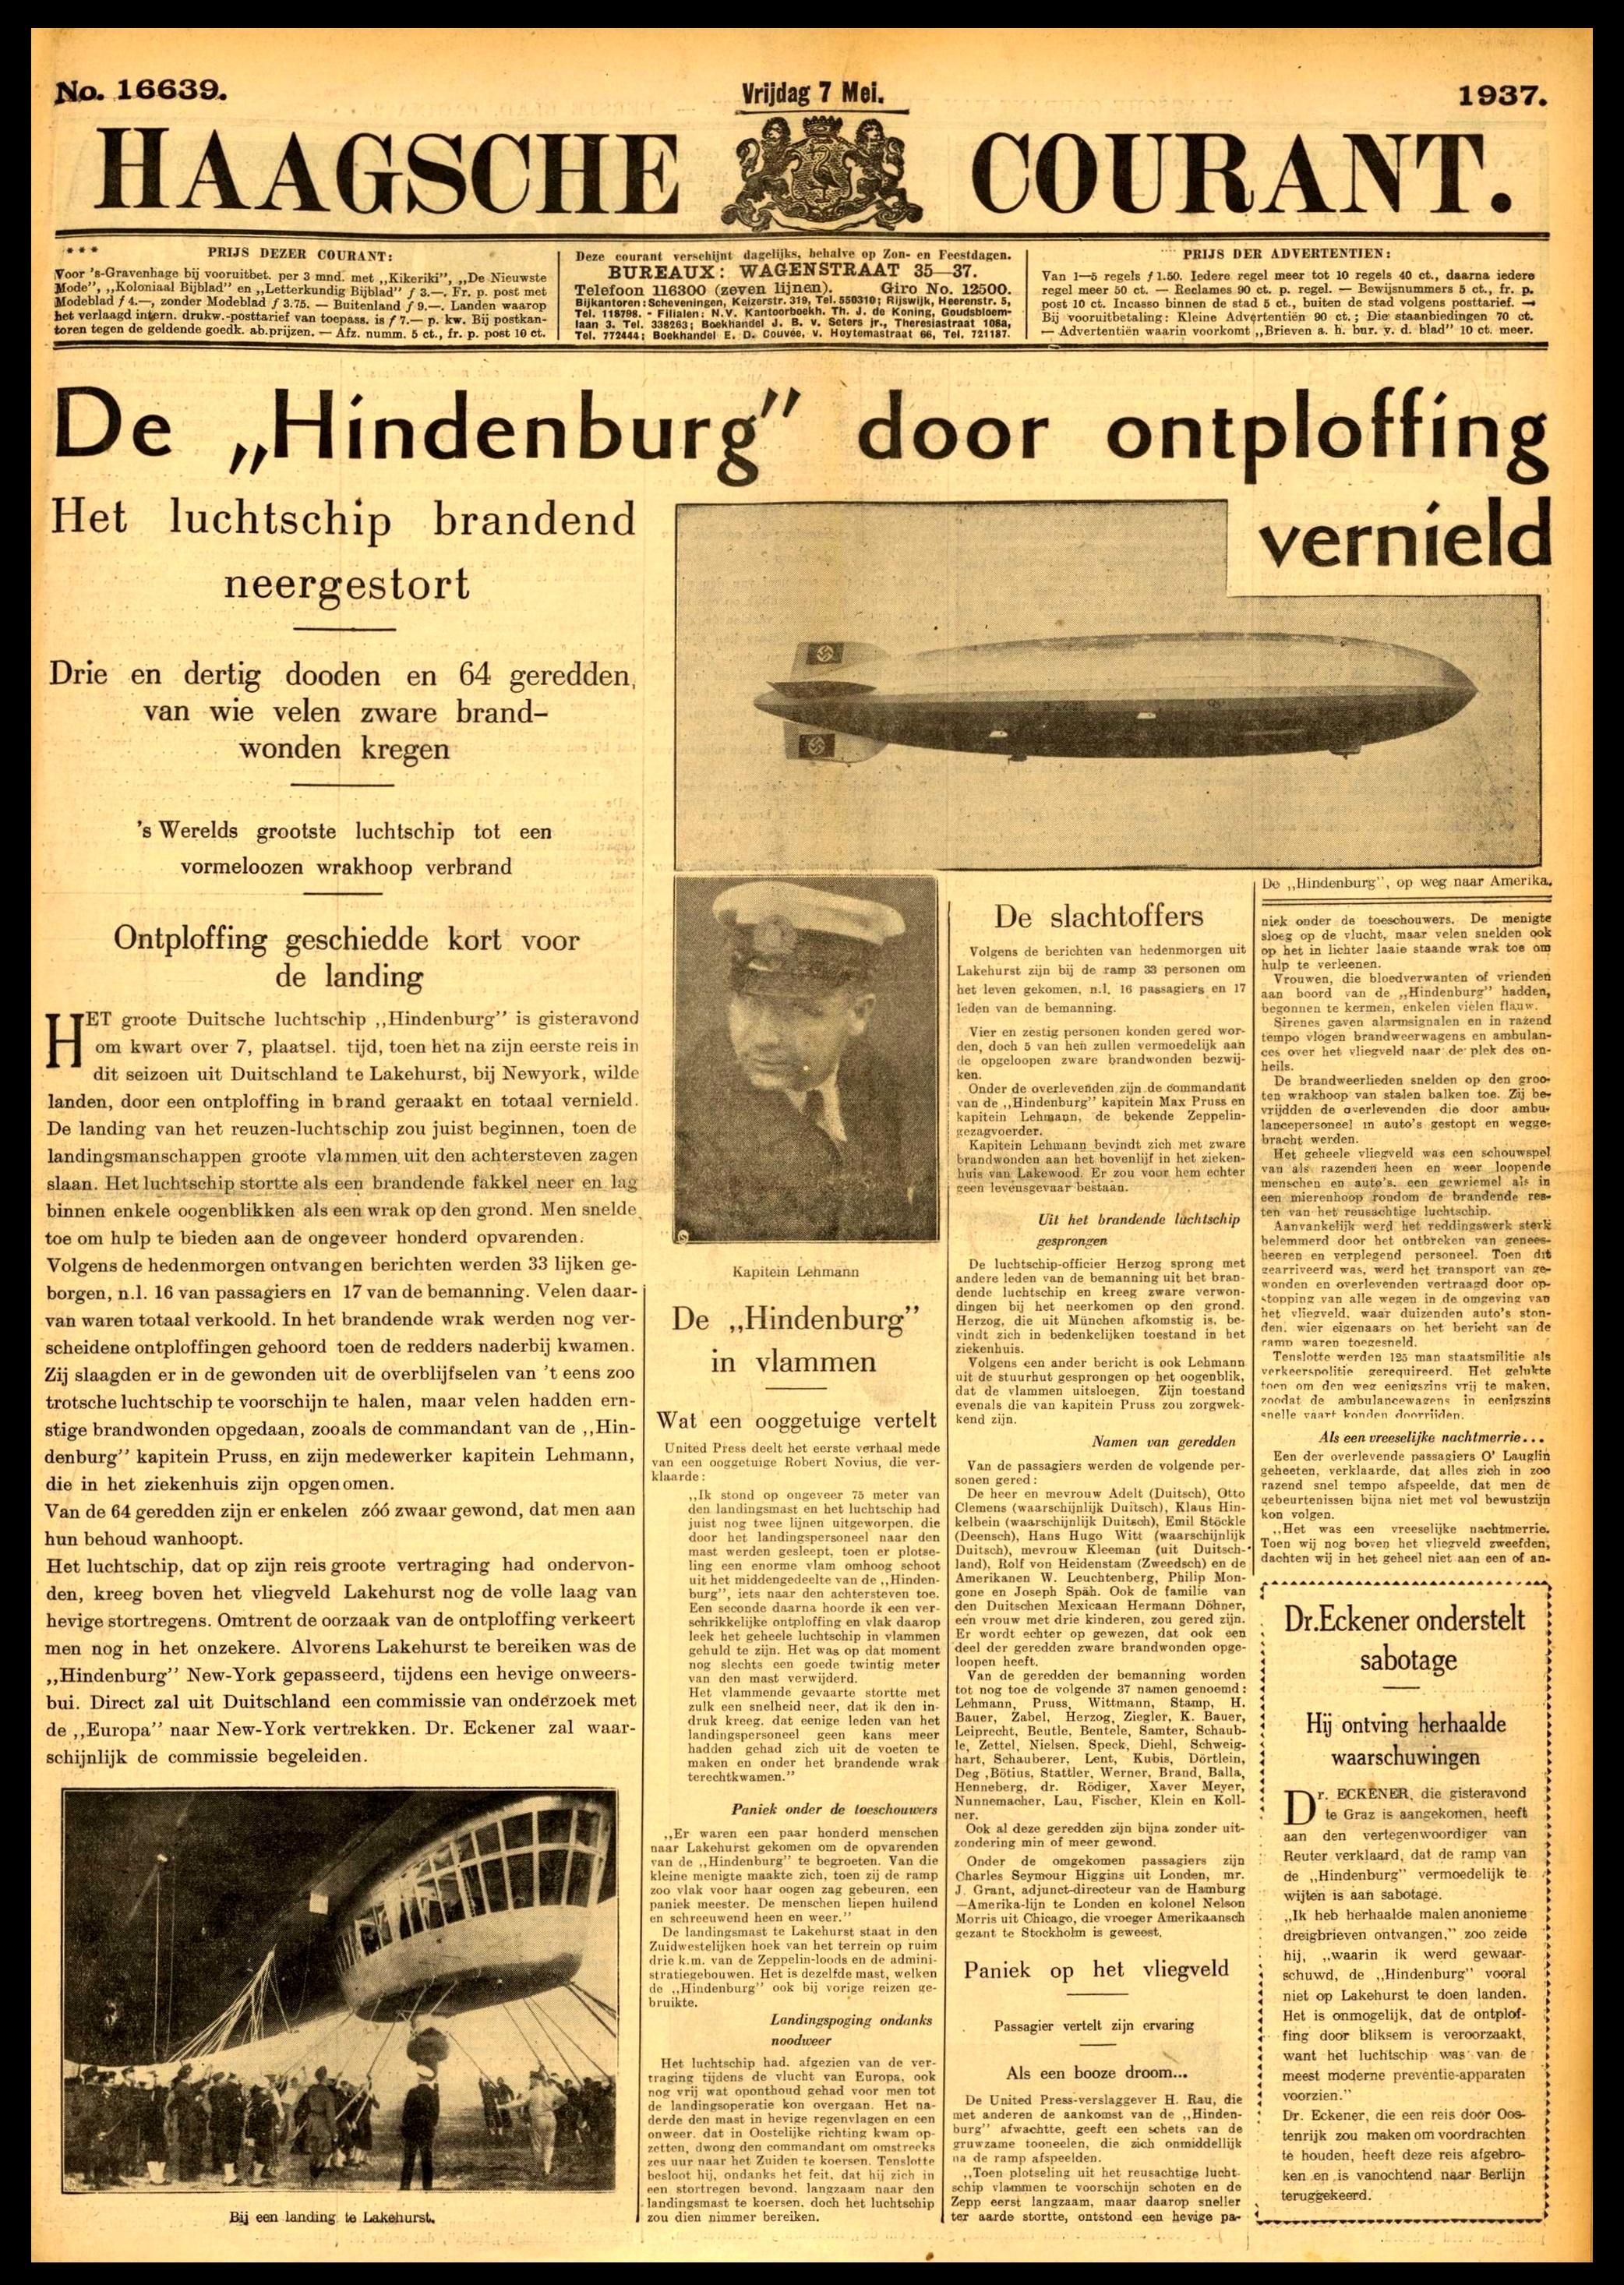 19370507 Haagsche Courant